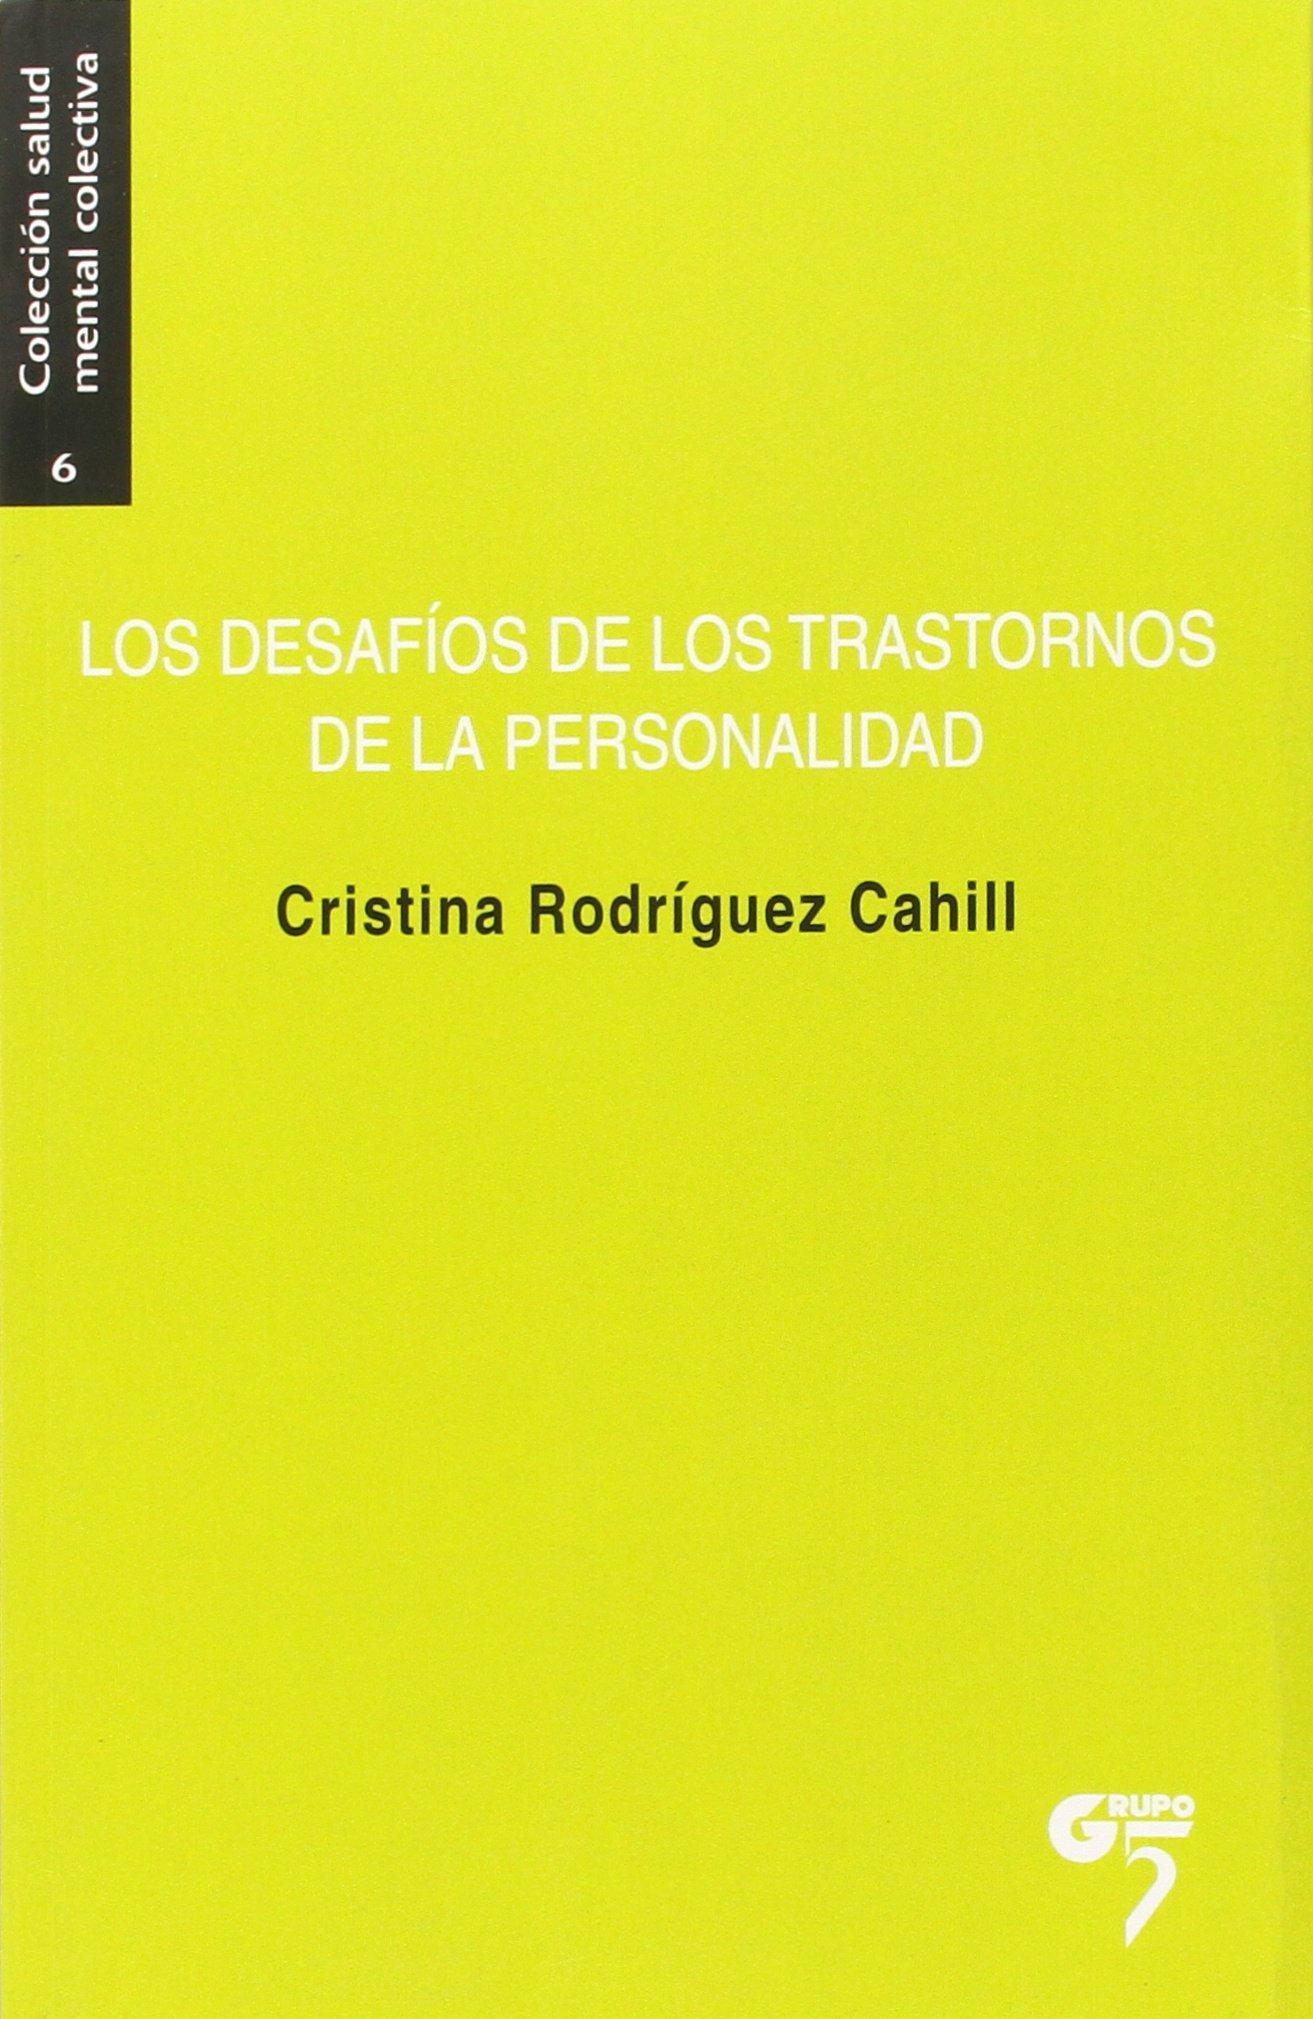 Los Desafios De Los Trastornos De La Personalidad Salud mental colectiva: Amazon.es: Cristina Rodriguez-Cahill, Miguel Fernández, Manuel Desviat: Libros